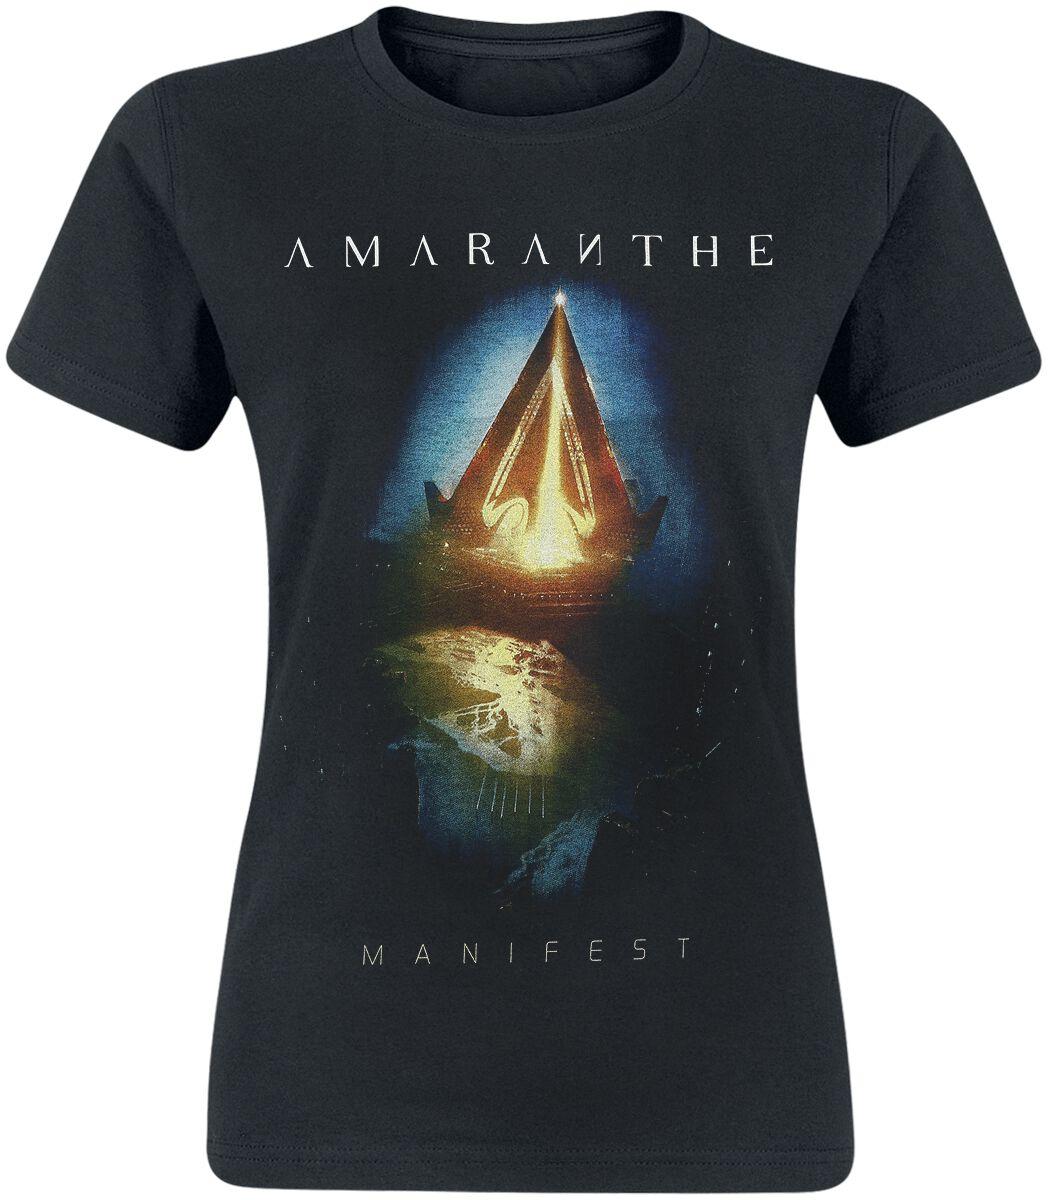 Image of Amaranthe Manifest Girl-Shirt schwarz